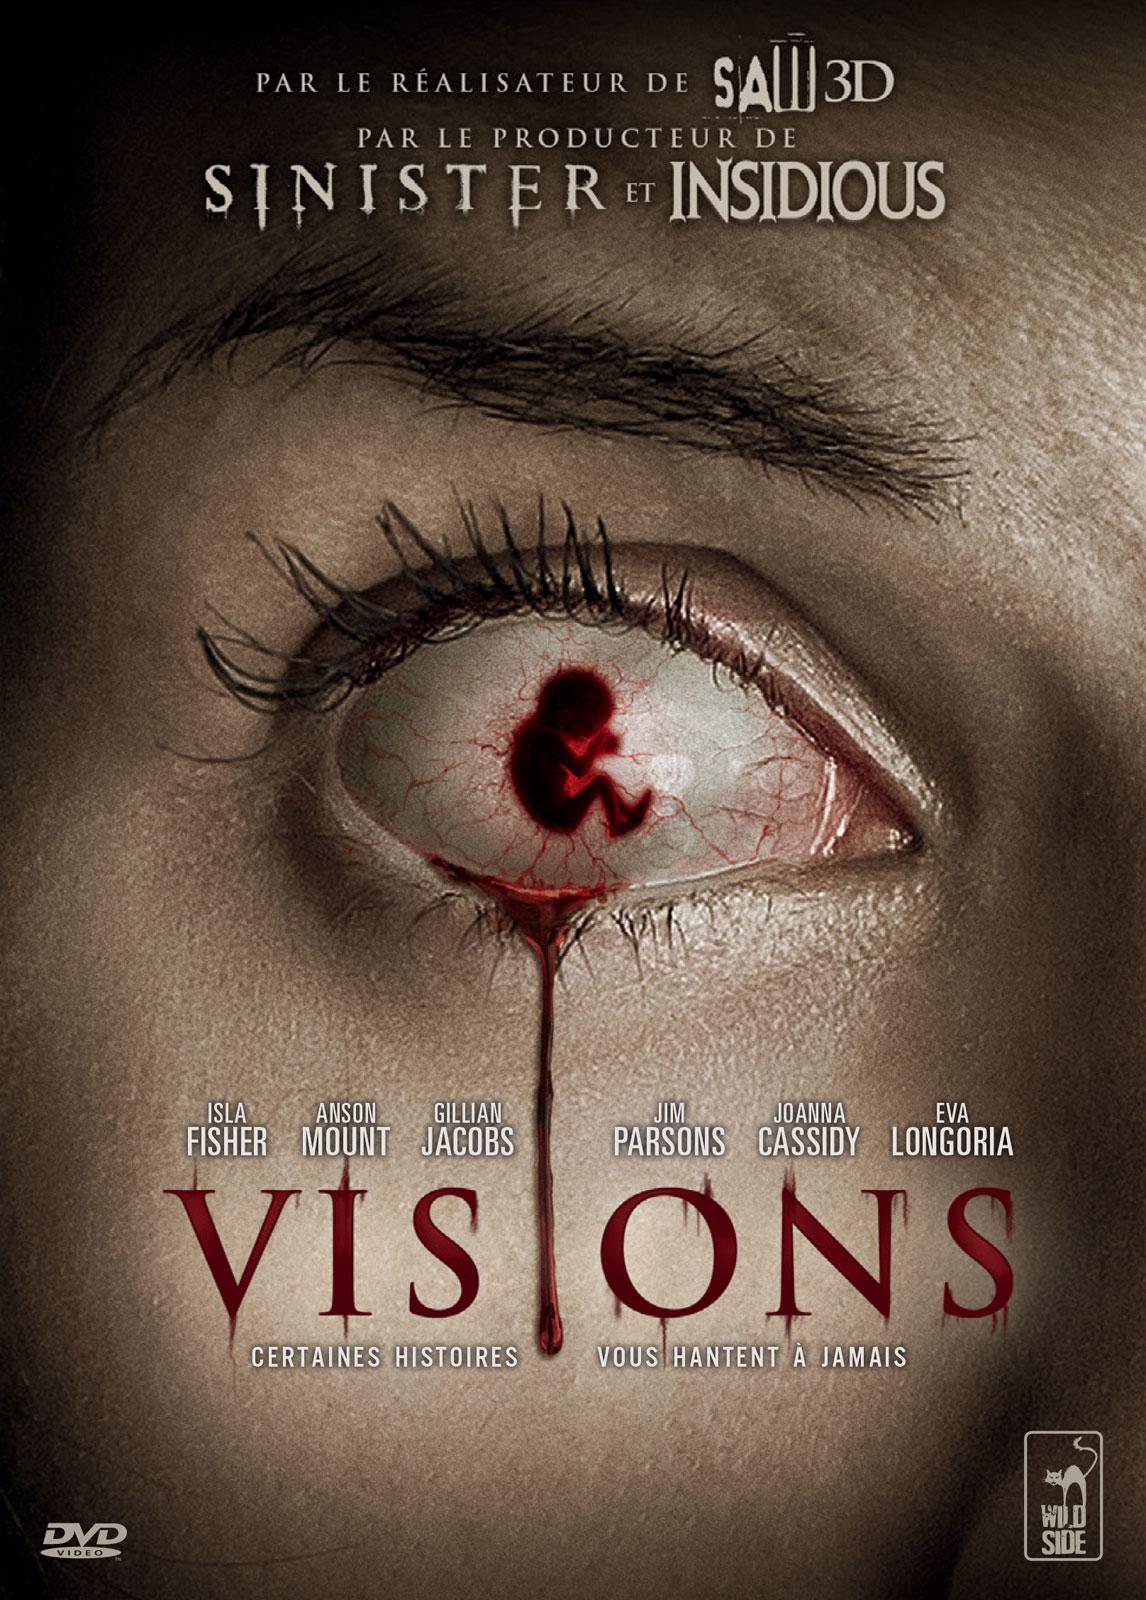 Visions Movie MovieSpoon.com